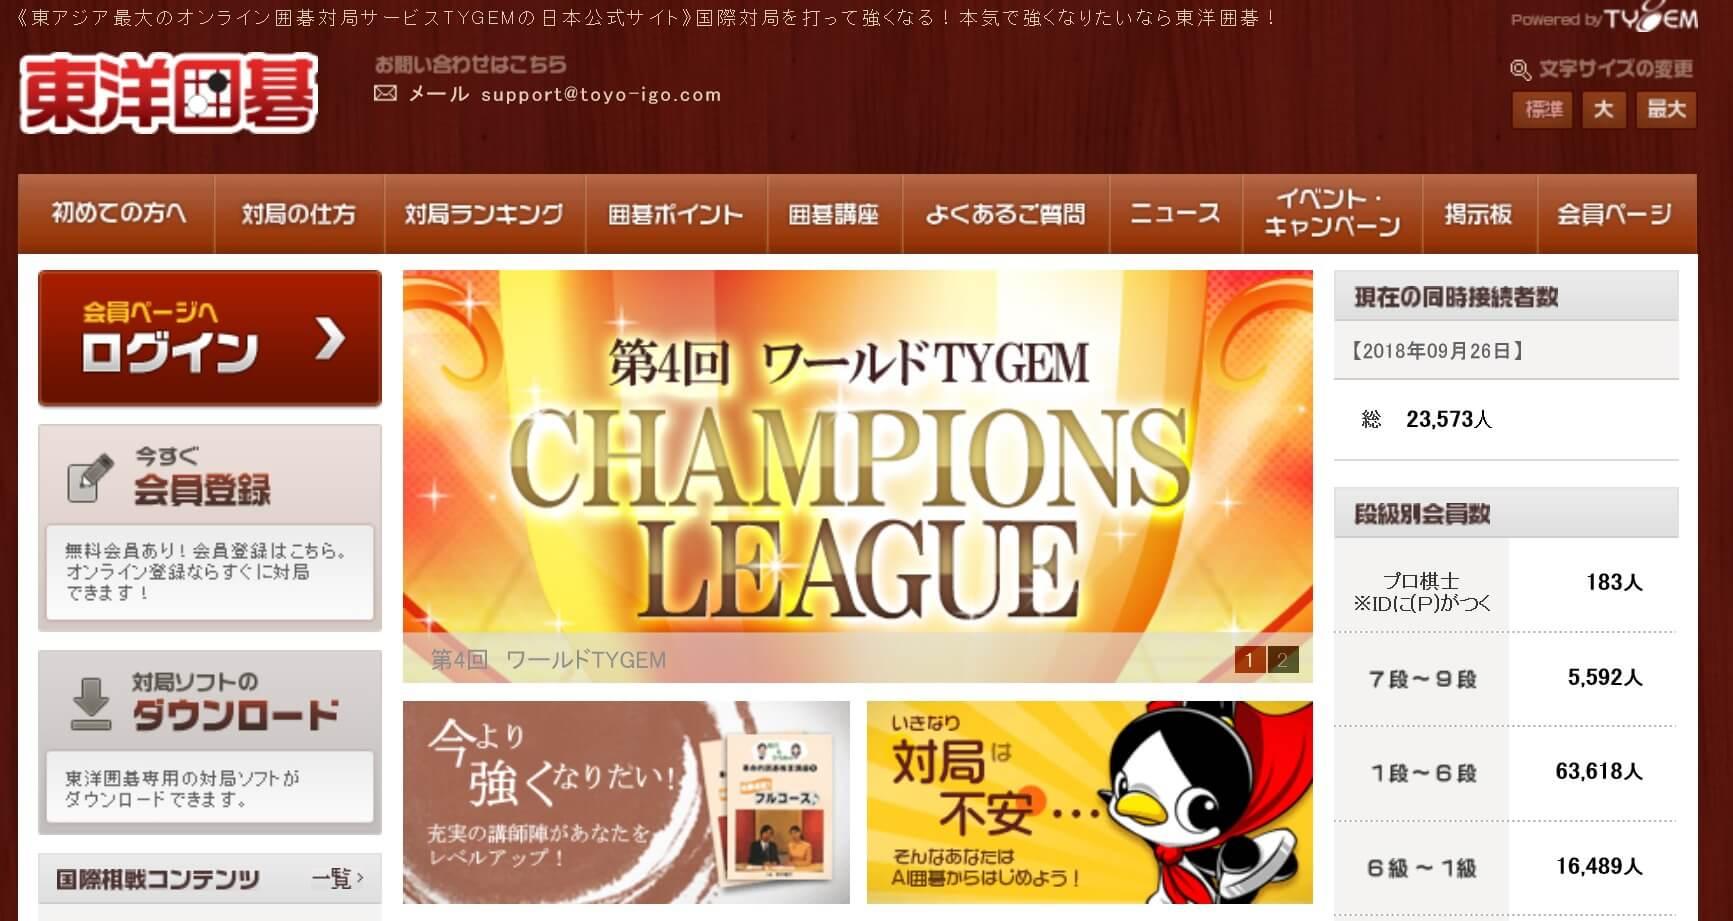 東洋囲碁ログイン画面